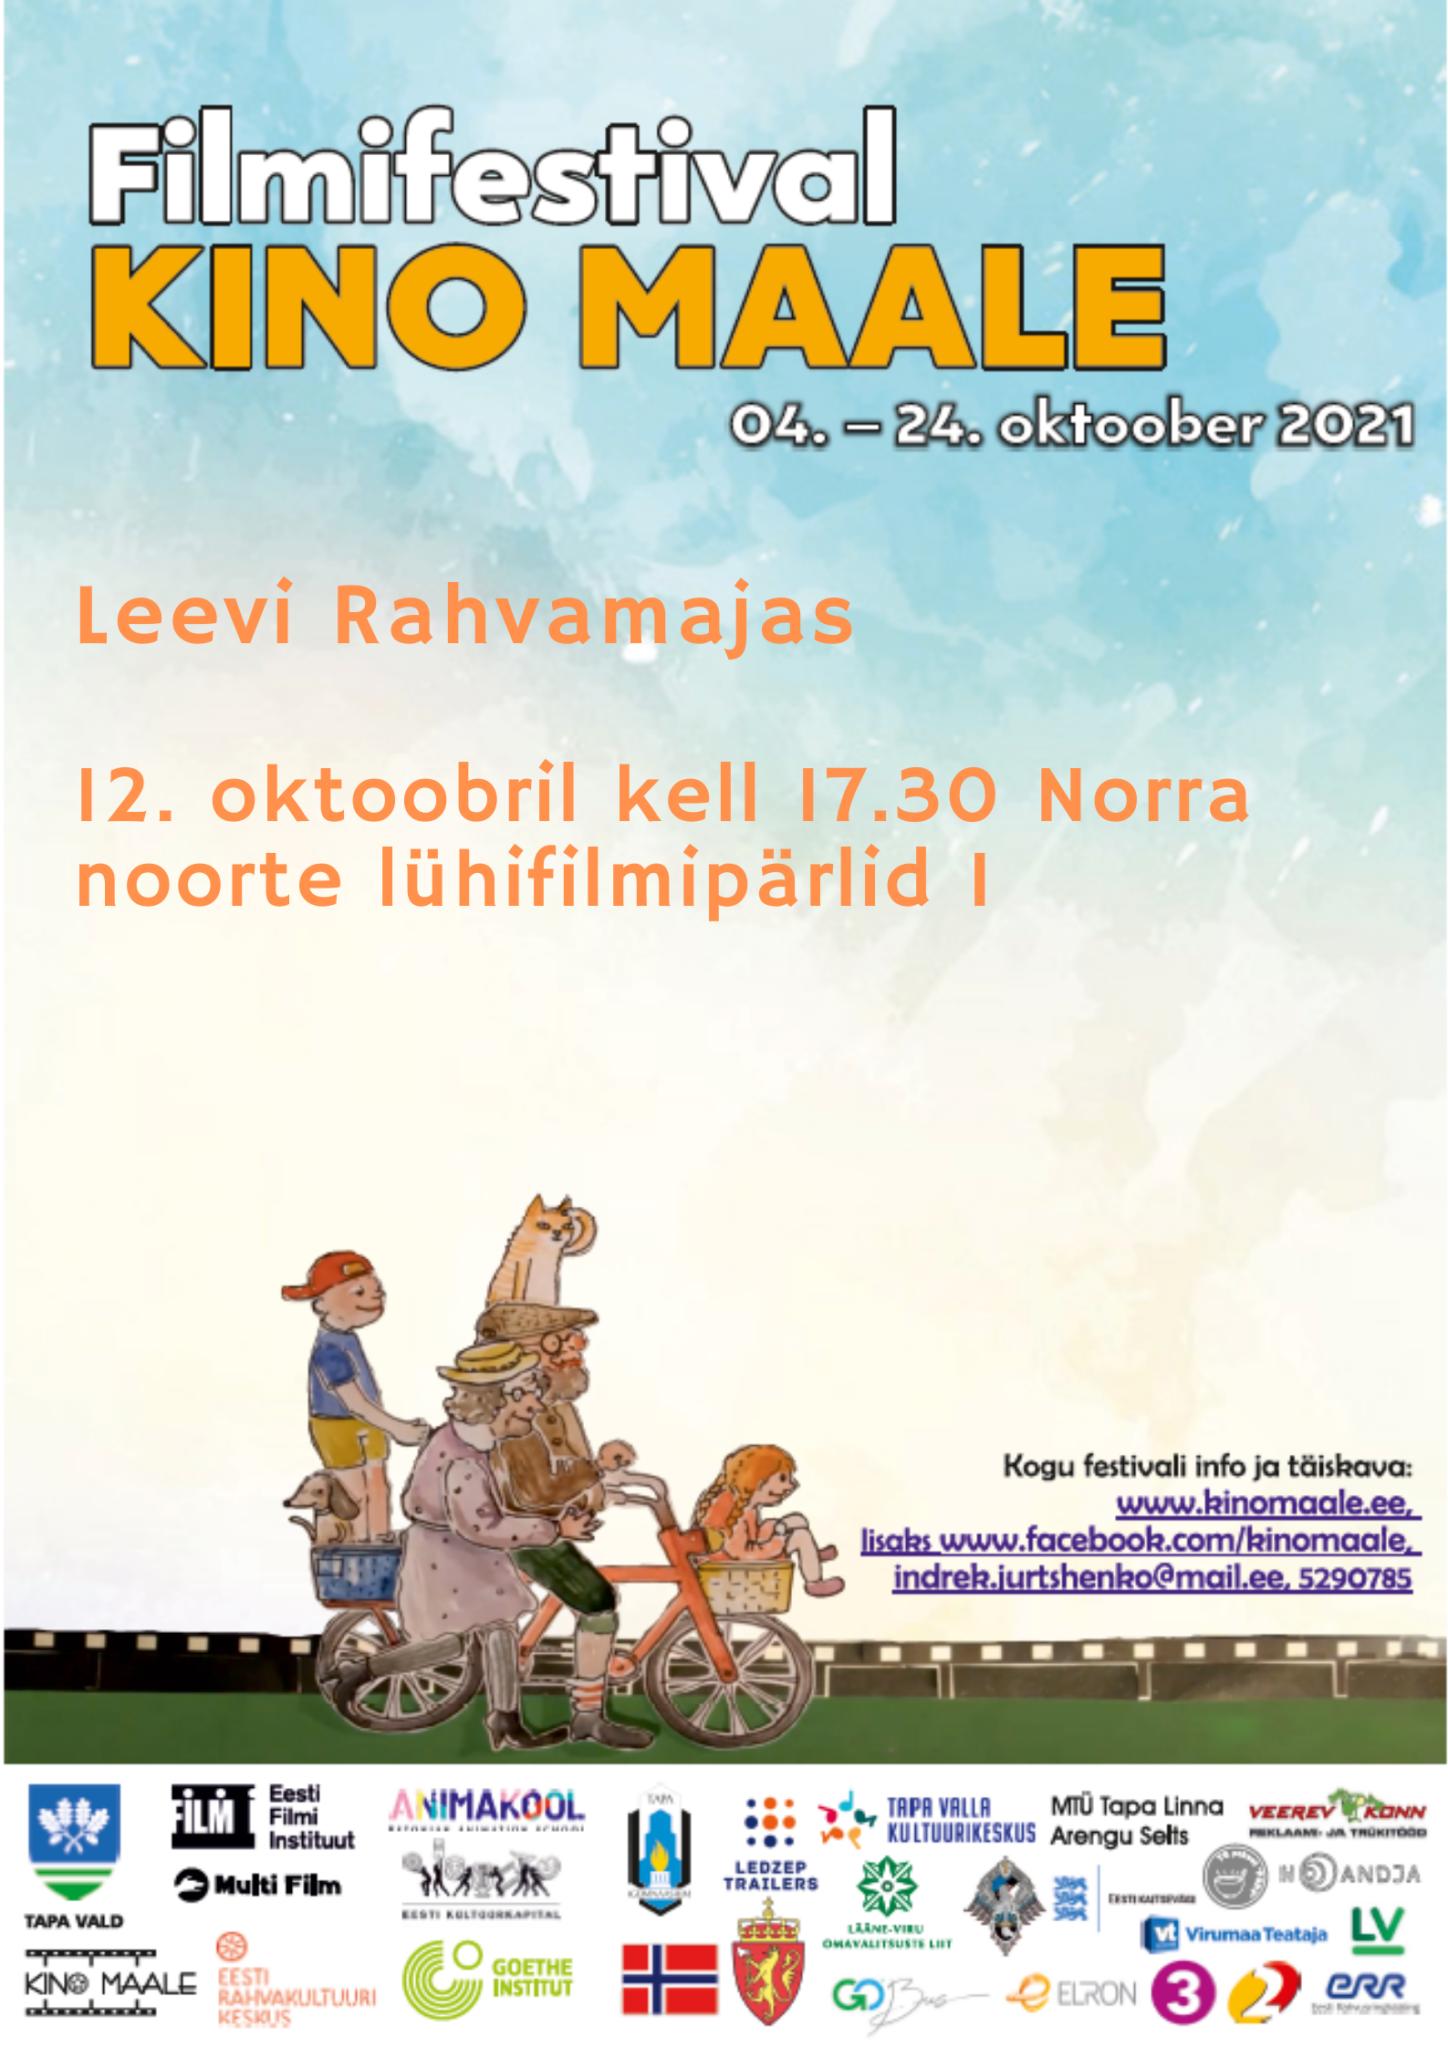 Filmifestival Kino maale: Norra noorte lühifilmipärlid 1 @ Leevi rahvamaja | Leevi | Põlva maakond | Eesti